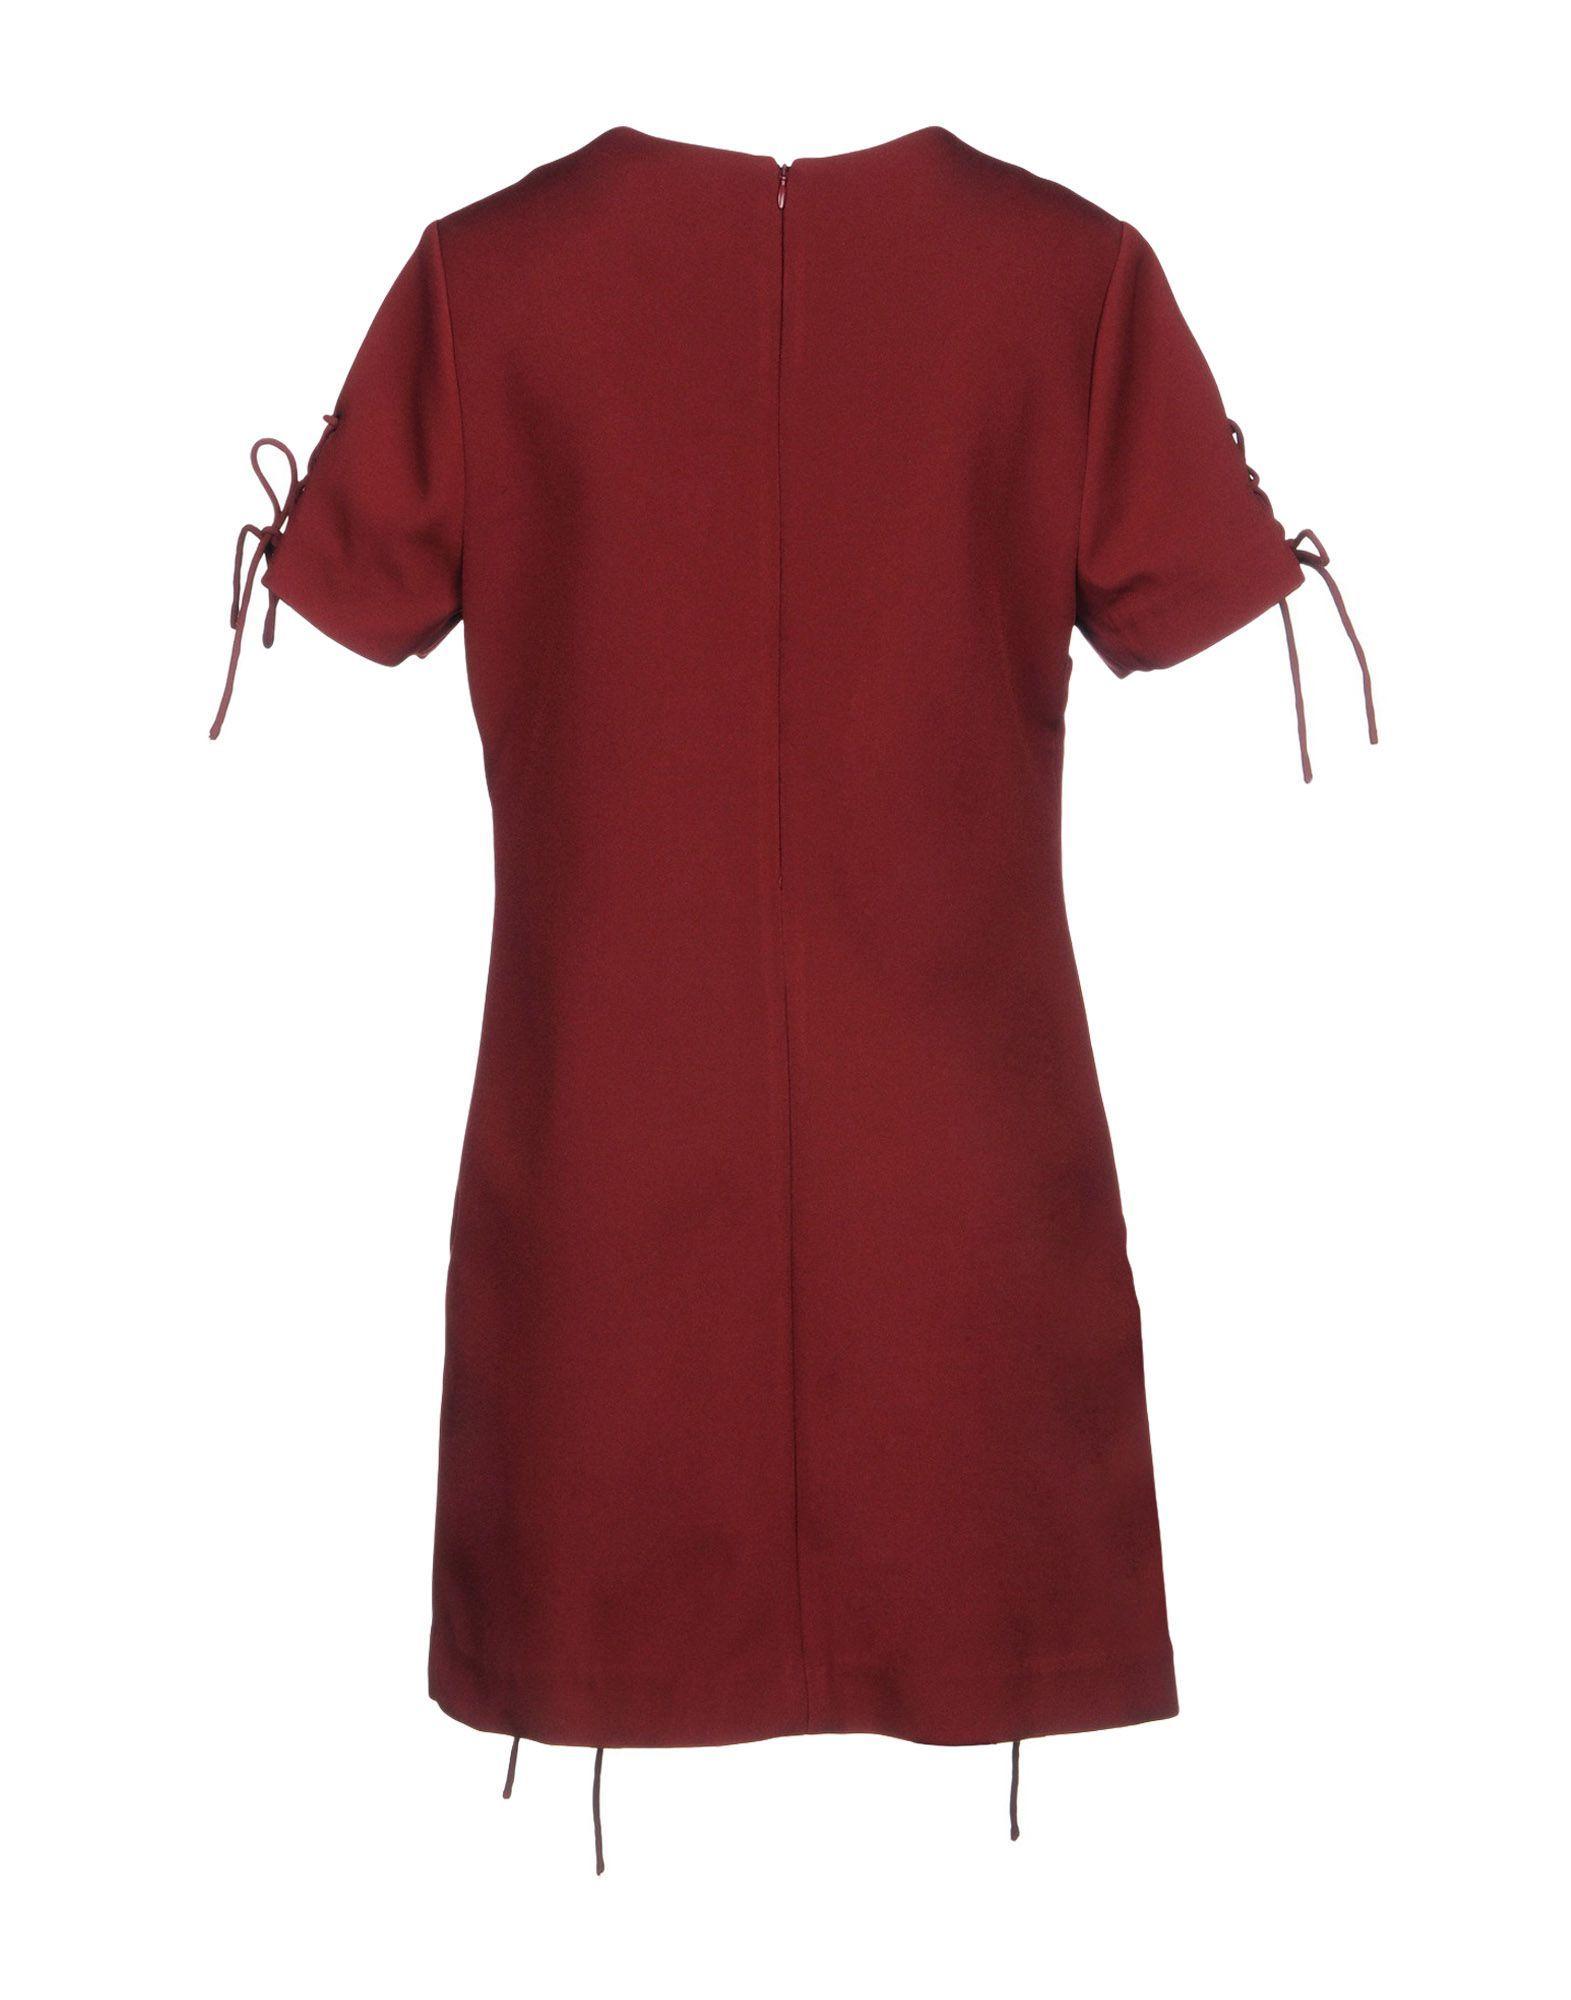 Kendall + Kylie Maroon Crepe Short Sleeve Dress